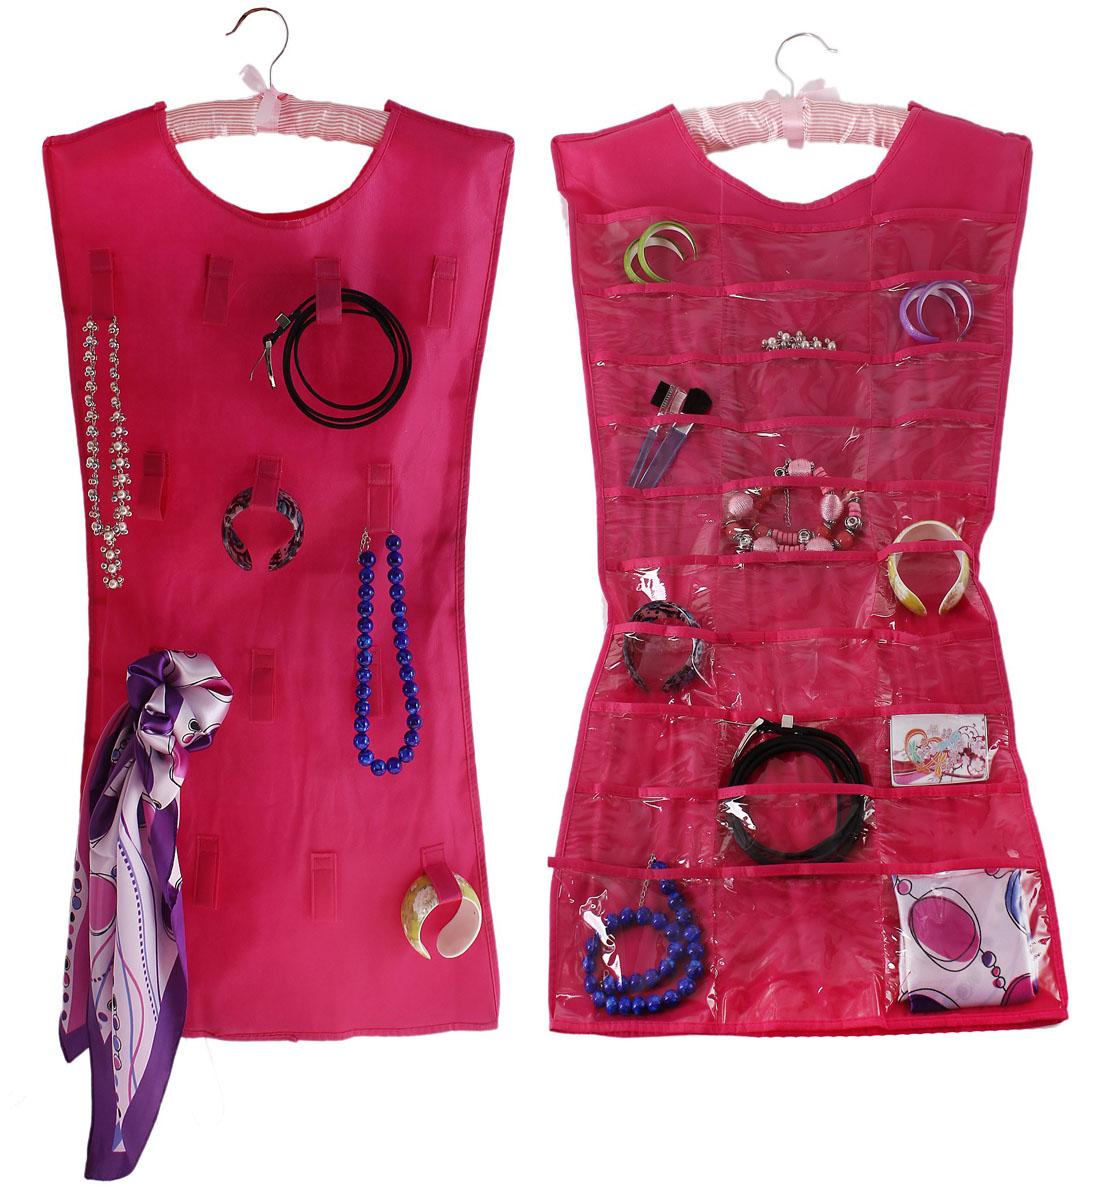 Органайзер для хранения бижутерии Sima-land, цвет: розовый, 30 отделений642656Оригинальный органайзер Sima-land, изготовленный из текстиля и ПВХ, предназначен для удобного и компактного хранения бижутерии и других различных украшений. Изделие представляет собой платье, которое можно вешать на вешалку в необходимом для вас месте. Платье с одной стороны оснащено 30 прозрачными карманами, с другой стороны - 14 текстильными петельками. Этот нужный предмет может стать одновременно и декоративным элементом комнаты.